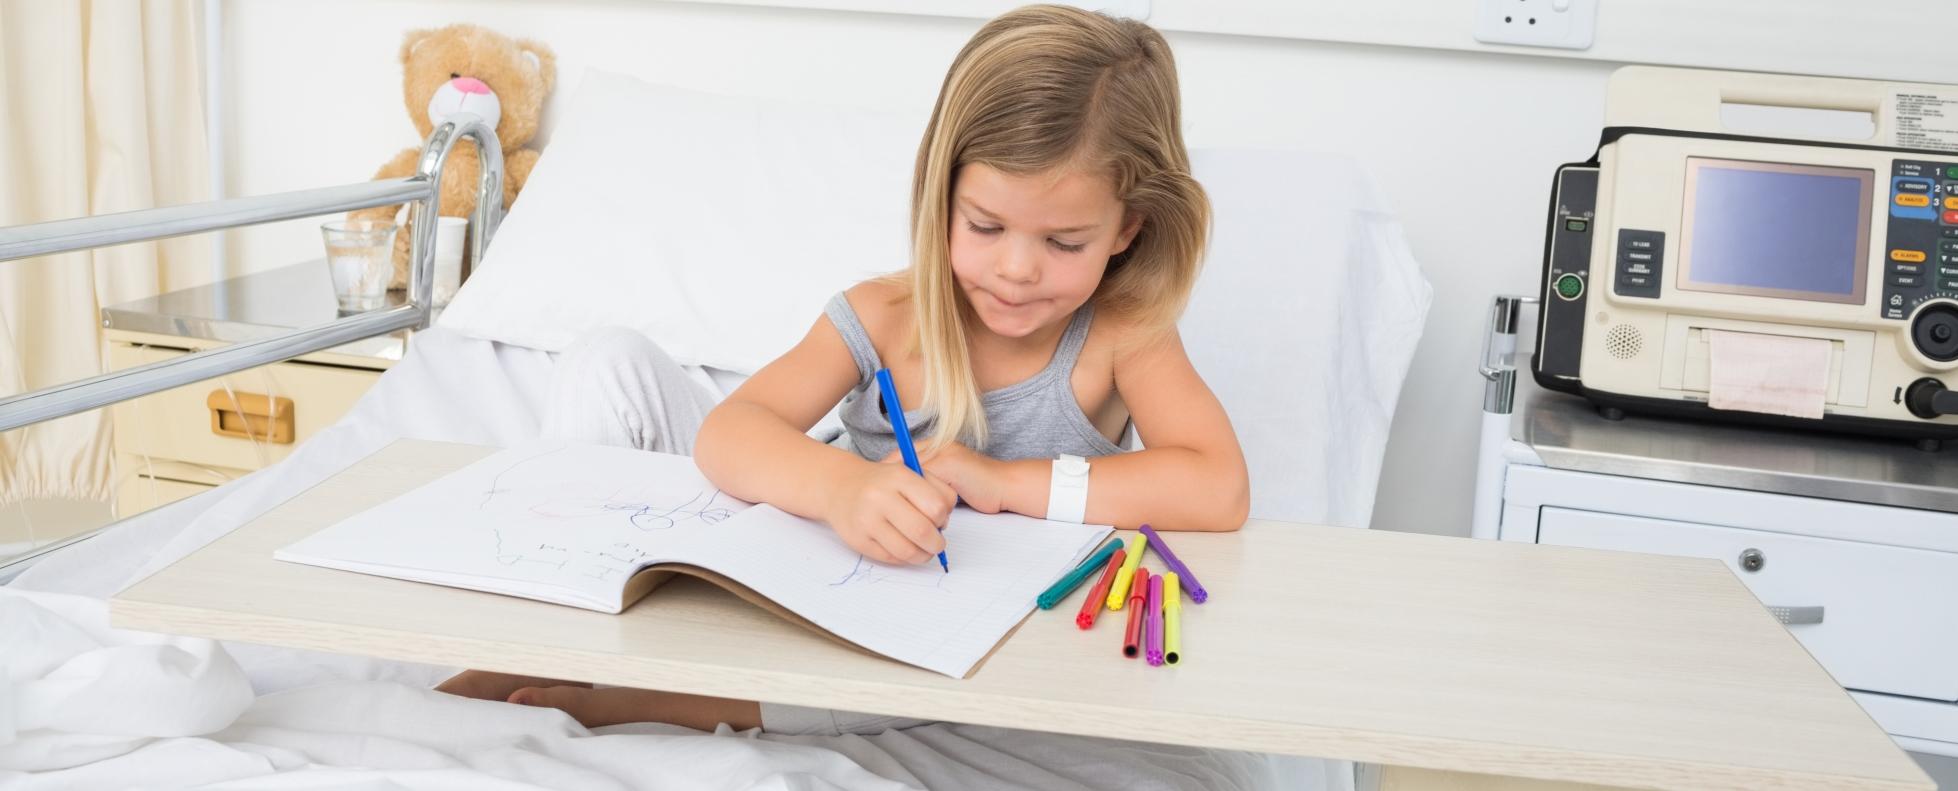 Ingyenes digitális képzésben részesülhetnek a tartósan beteg gyerekek tanárai